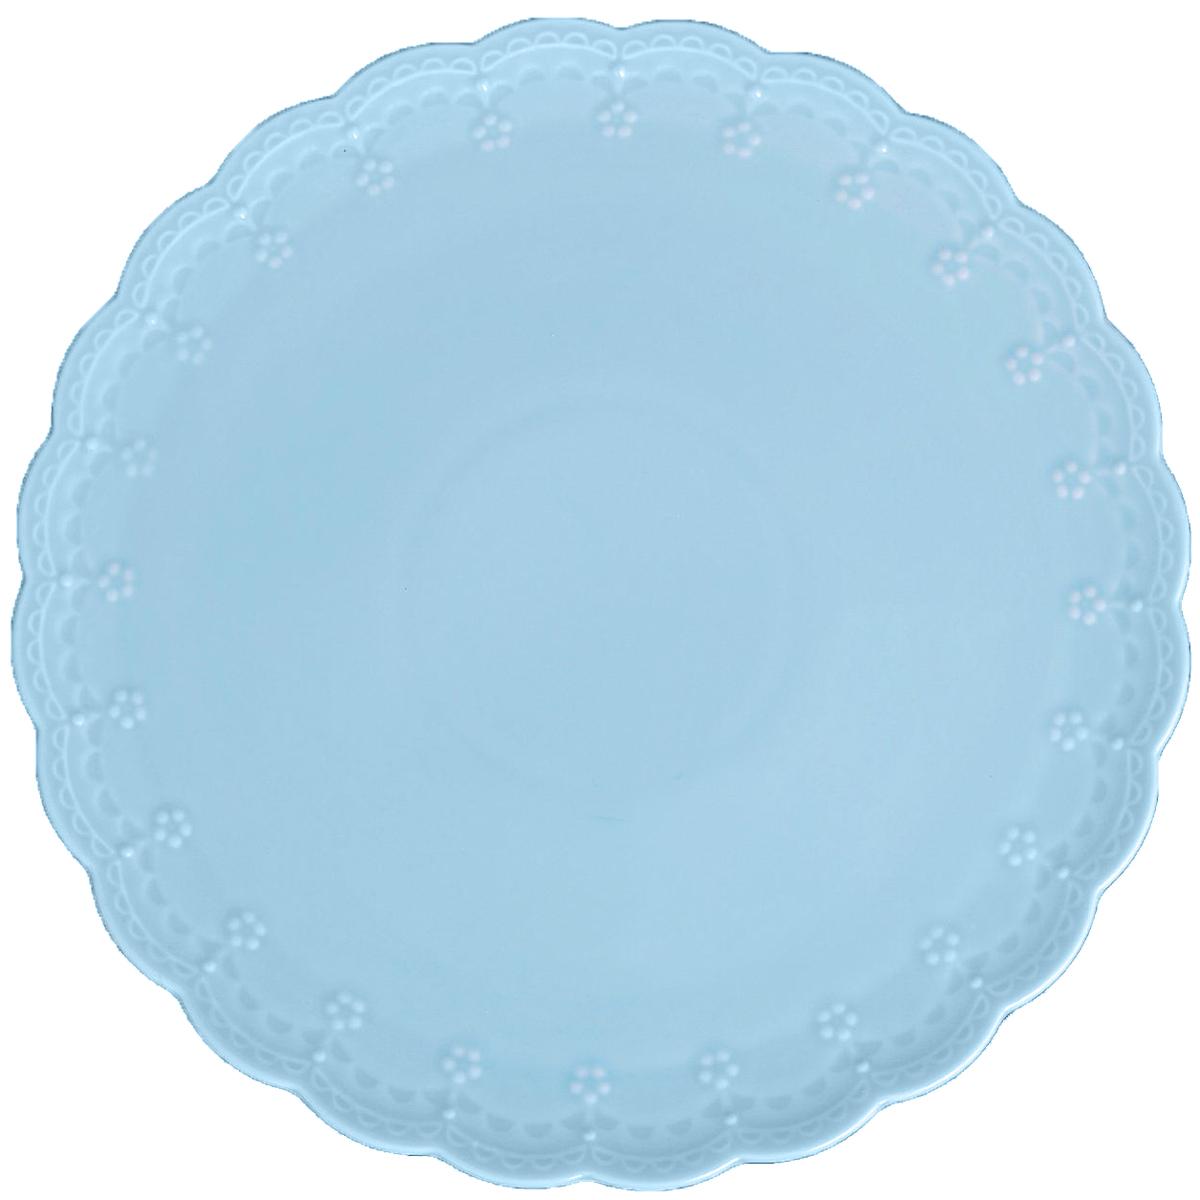 Блюдо для торта Lamart Dolci, цвет: бирюзовый, диаметр 27 см869831Блюдо для торта Dolci бирюзовое — сувенир в полном смысле этого слова. В переводе с французского souvenir означает «воспоминание». И главная задача любого сувенира — хранить воспоминание о месте, где вы побывали, или о том человеке, который подарил данный предмет. Этот и множество других сувениров вы можете купить оптом в нашем интернет-магазине несколькими нажатиями мышки.